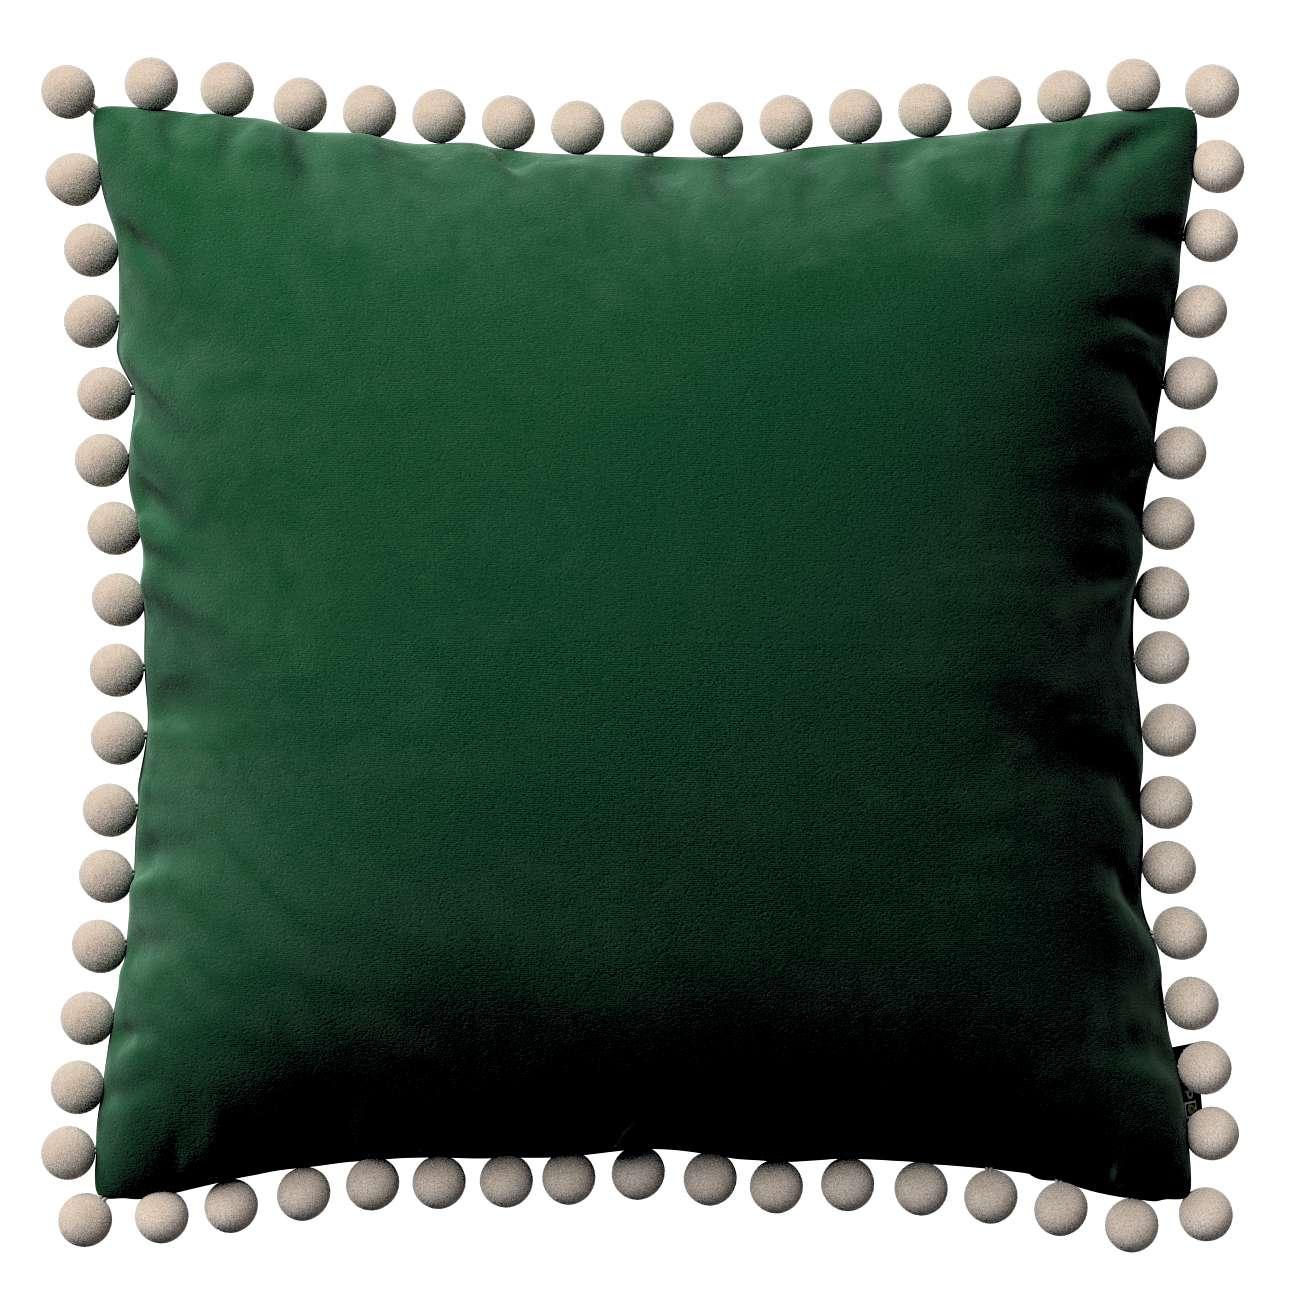 Kissenhülle Wera mit Bommeln, grün, 45 × 45 cm, Velvet | Heimtextilien > Bettwäsche und Laken > Kopfkissenbezüge | Dekoria